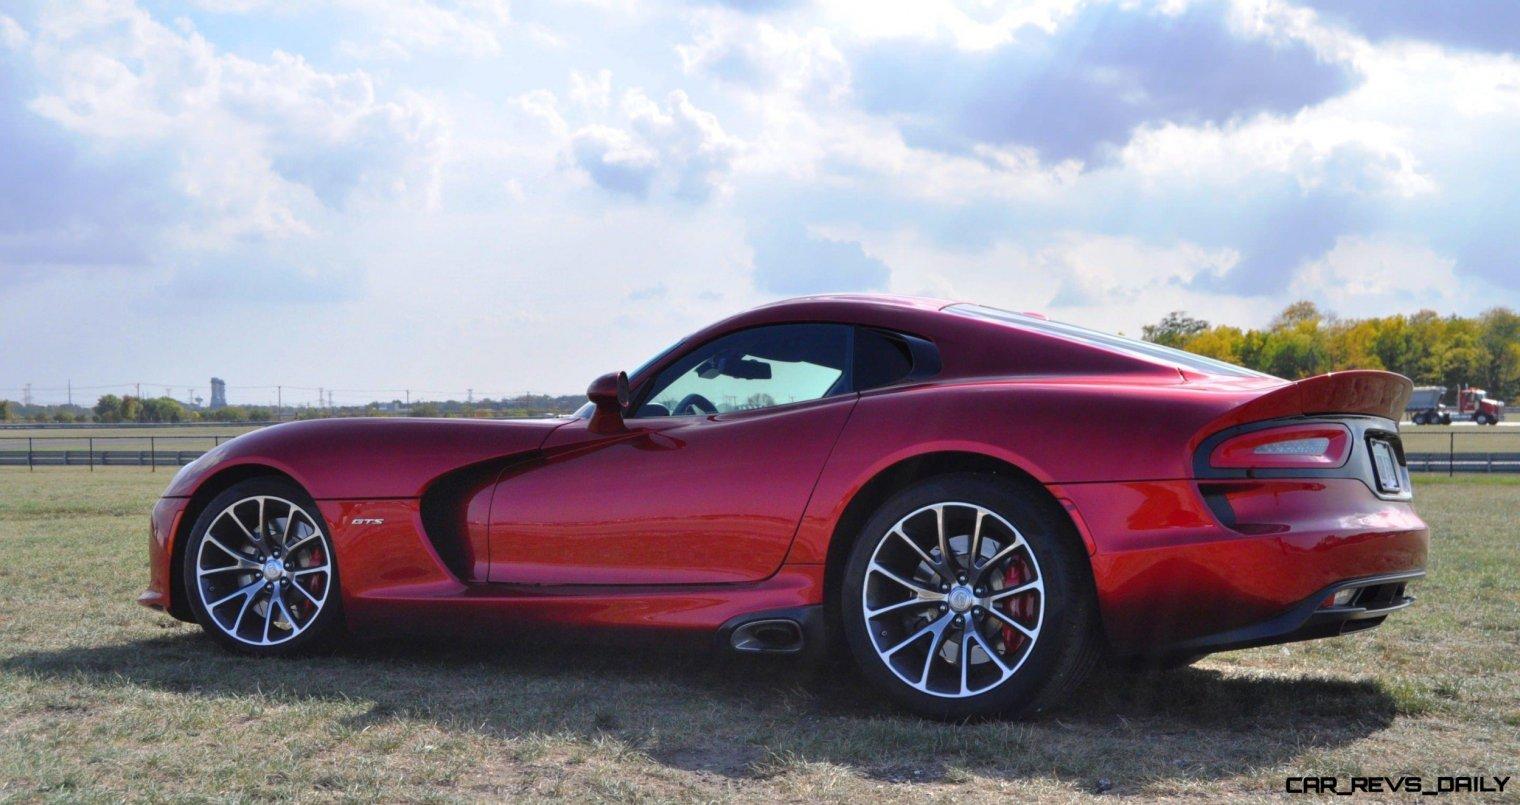 CarRevsDaily.com - 2014 SRT Viper GTS - Huge Wallpapers19